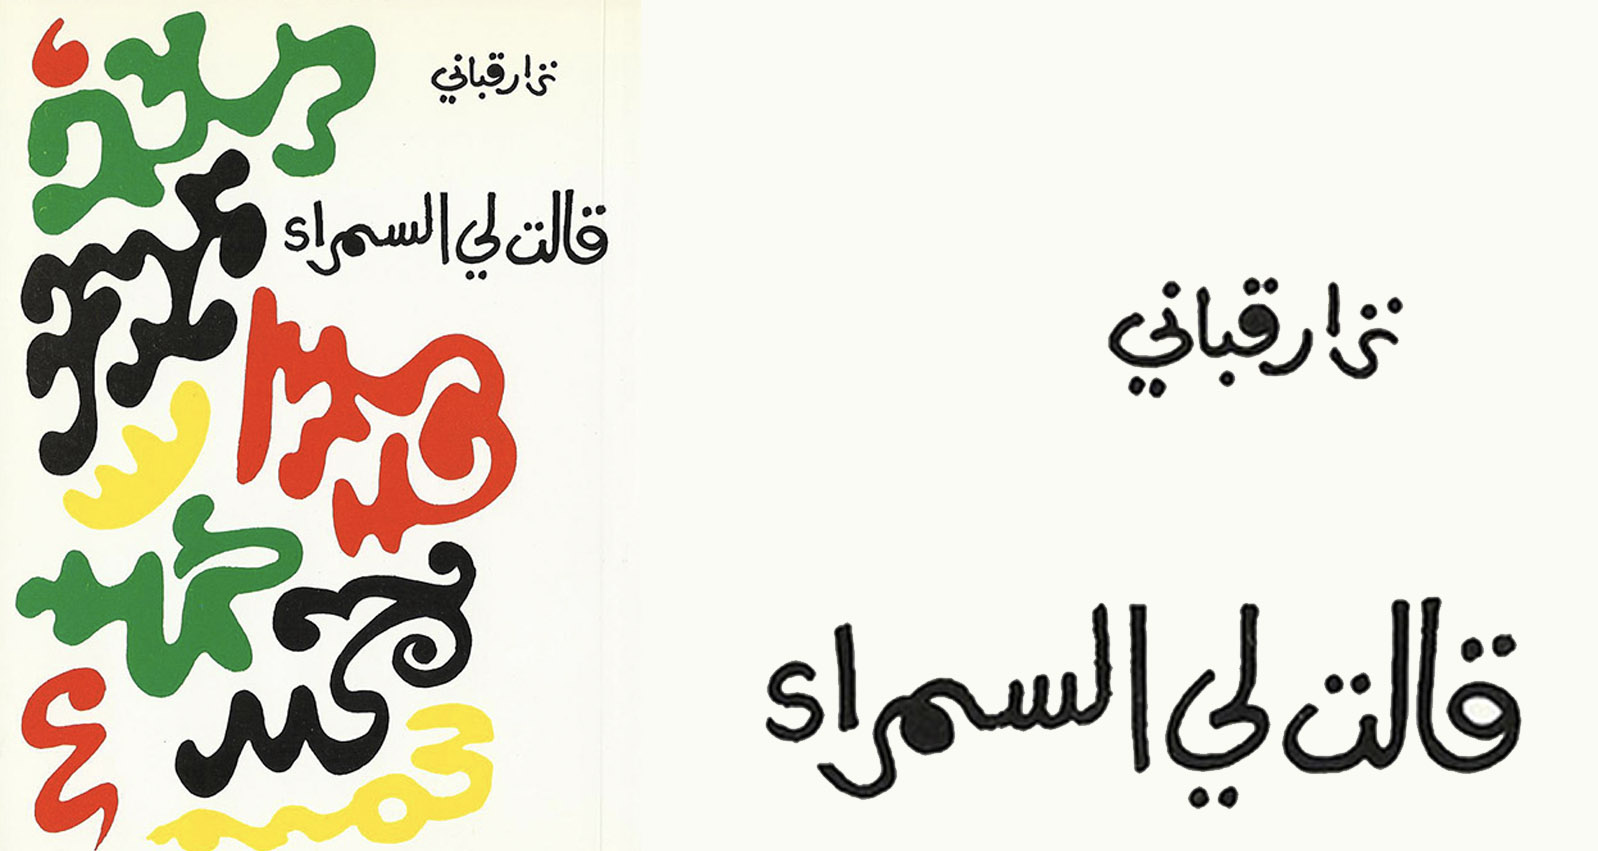 من هو الشاعر نزار قباني شاعر الحب والسياسة مجلتك